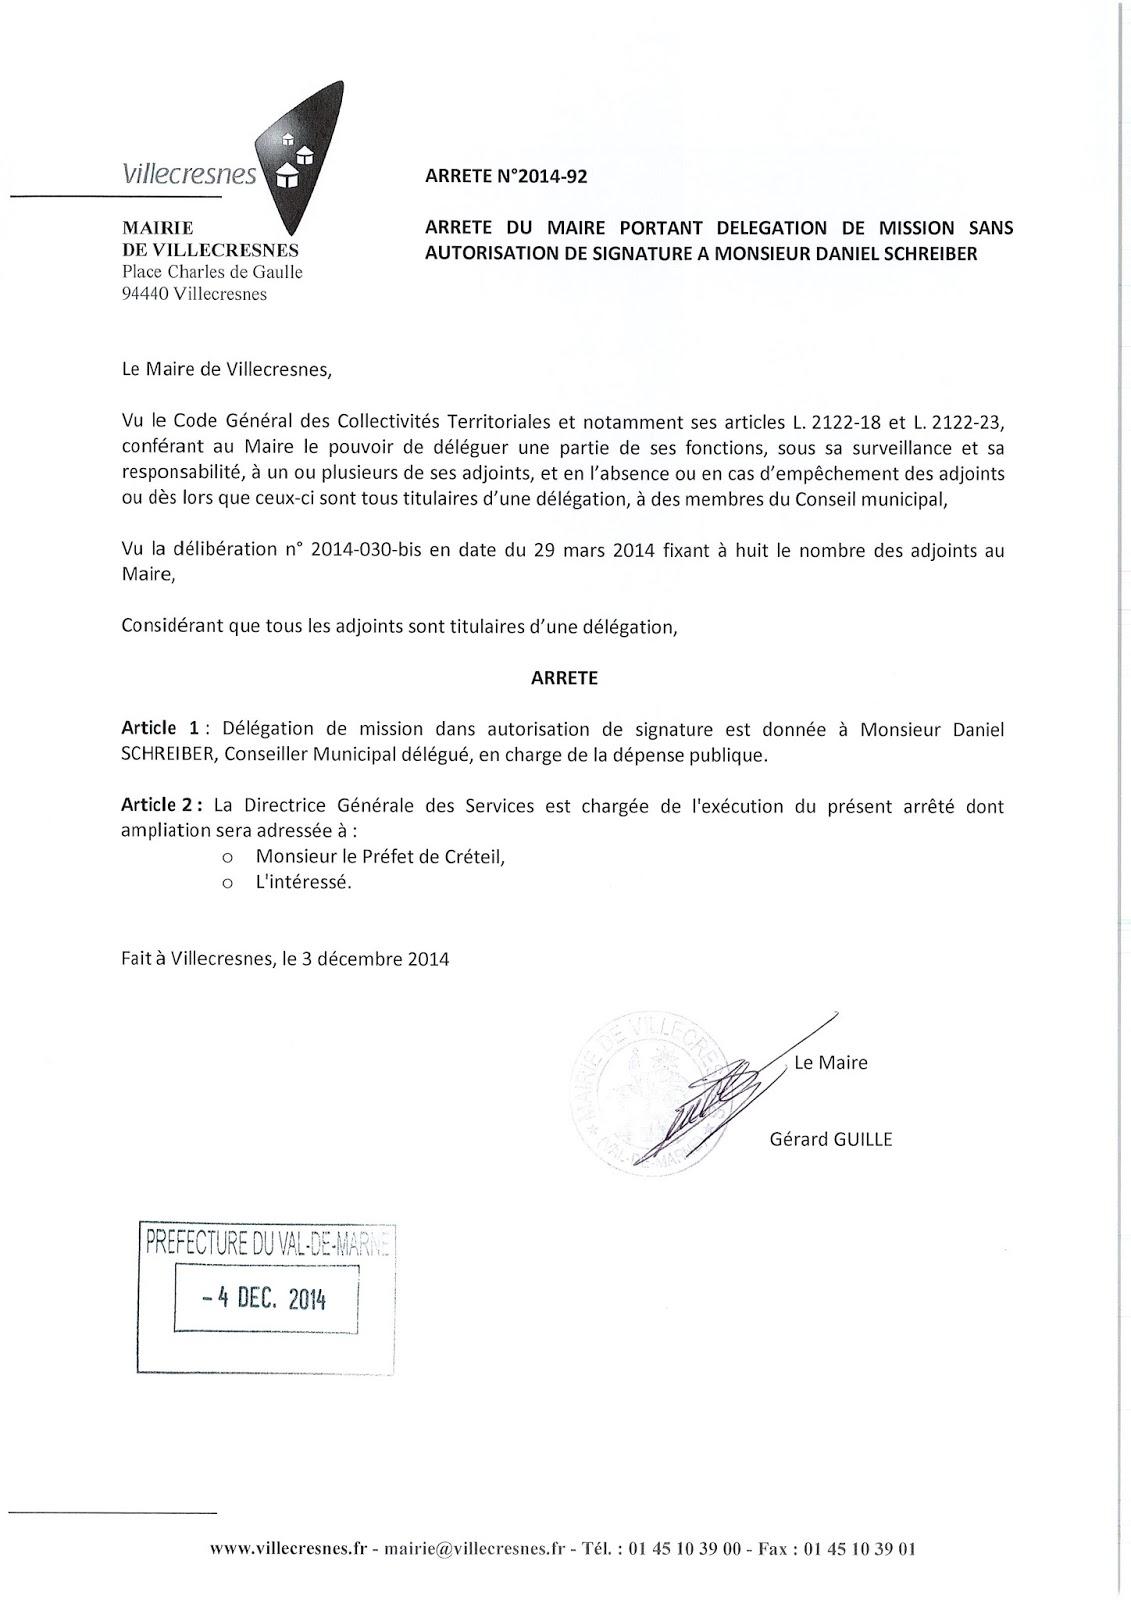 2014-092 Délégation de fonction mission sans autorisation de signature à Monsieur Daniel Schreiber